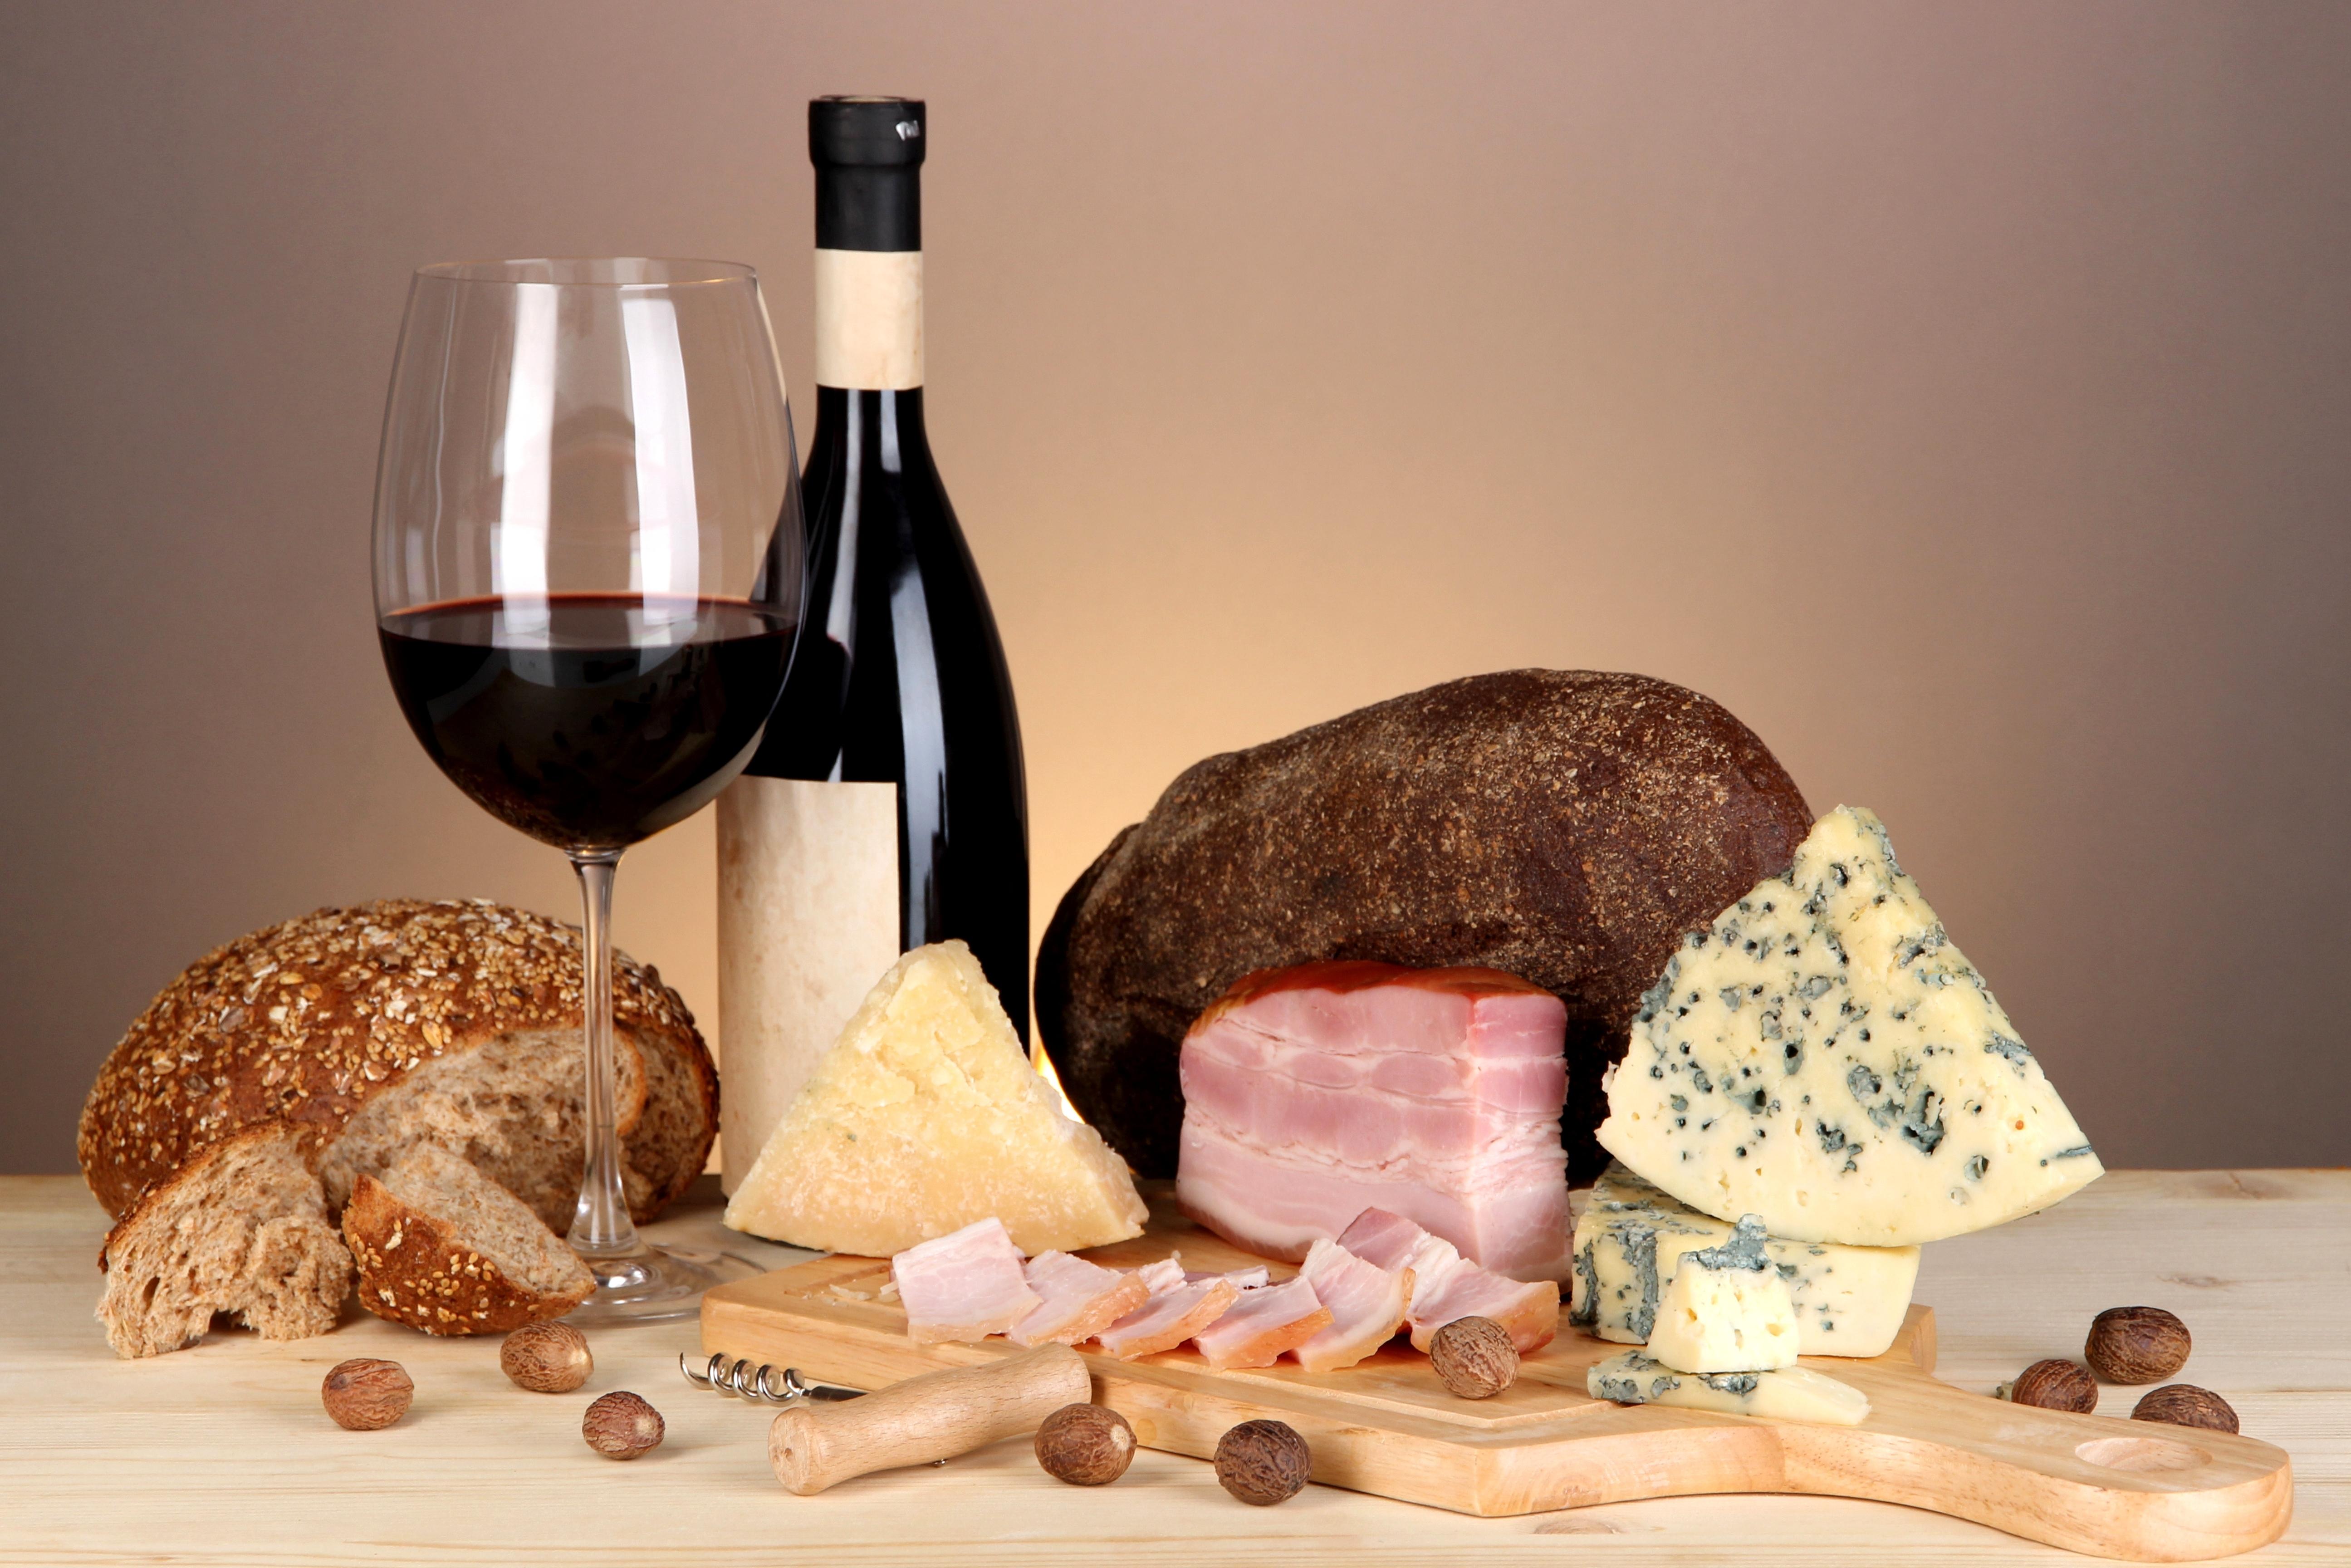 мясо, колбаса, оливки, сыр загрузить